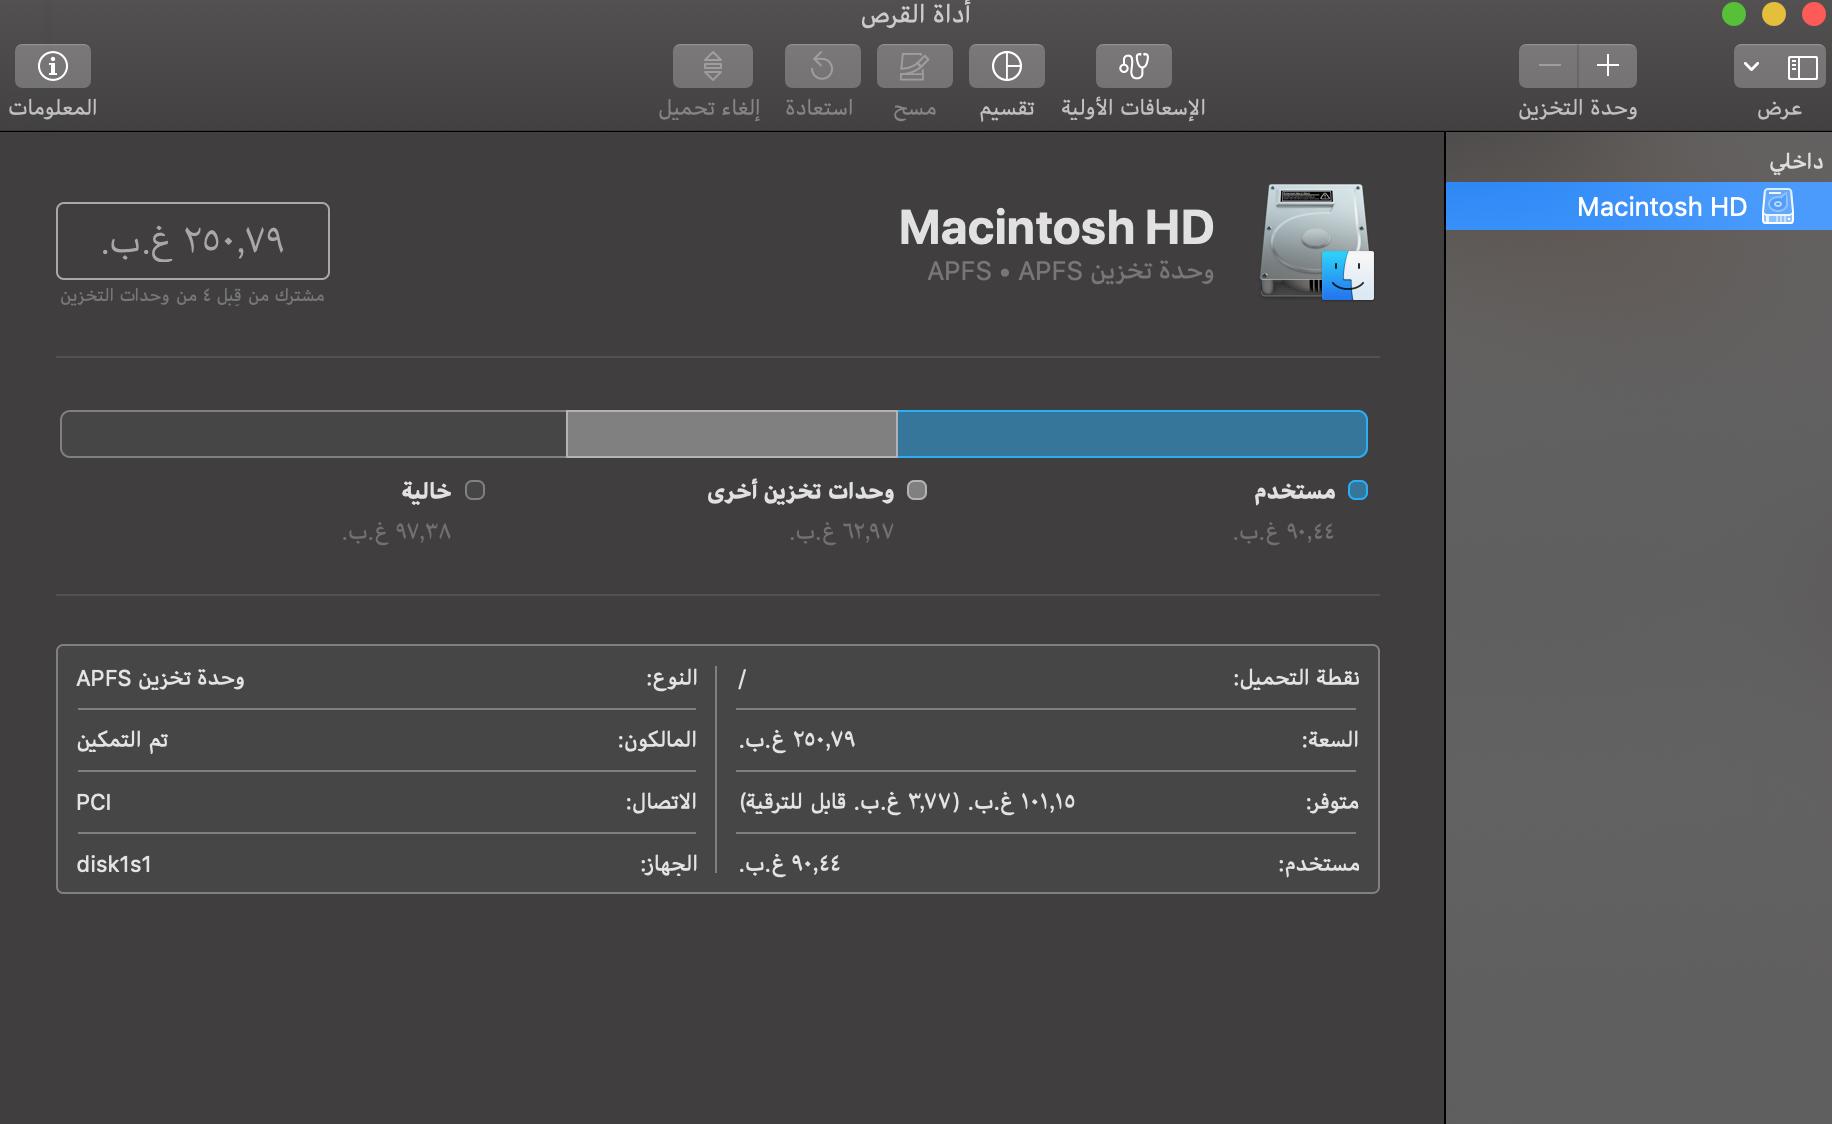 لقطة الشاشة ٢٠١٩-٠٨-٢٩ في ١١.٣٠.٣٠ص.png